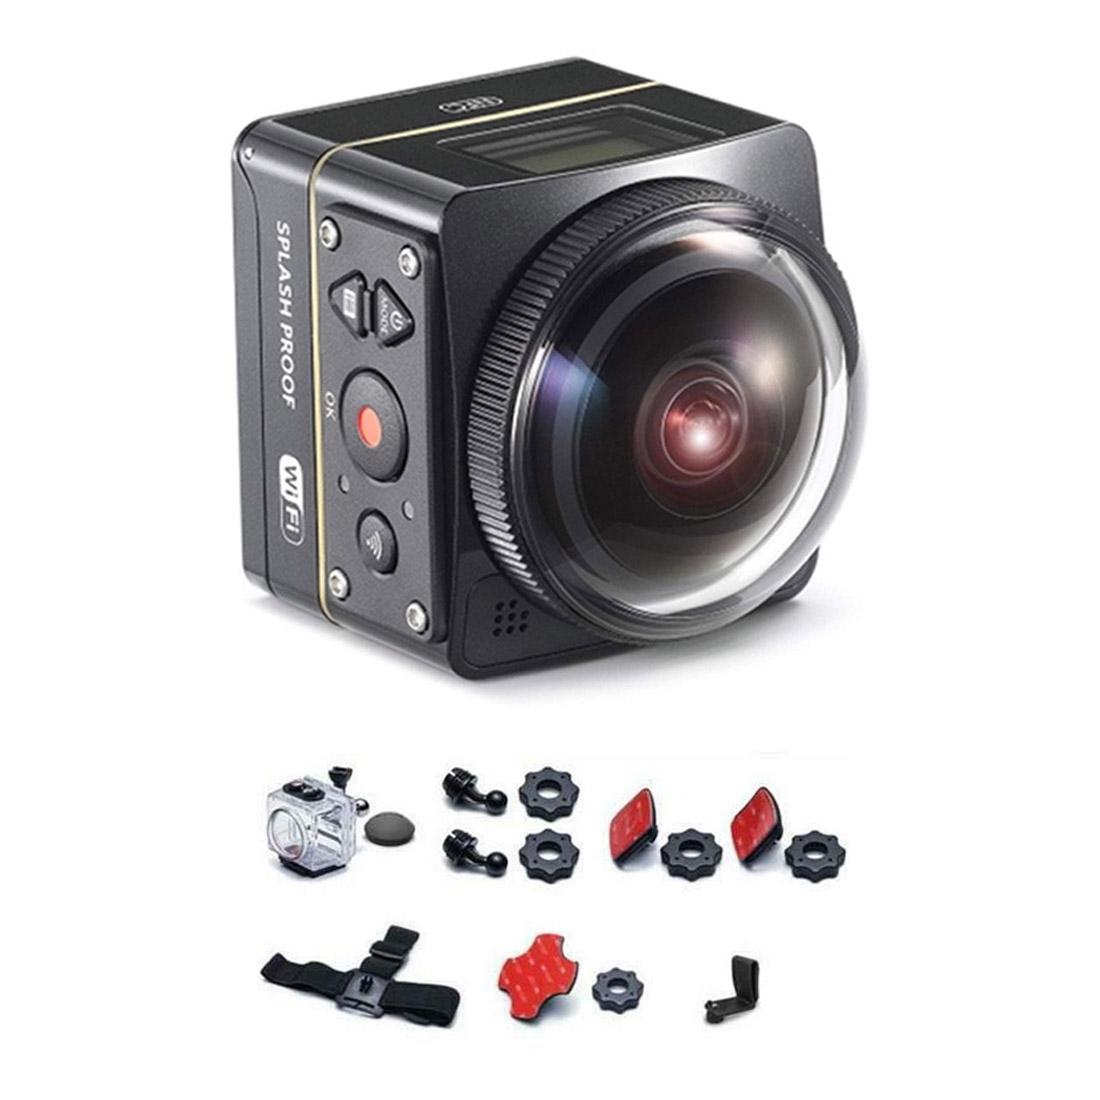 Kodak PIXPRO SP360 4K VR Action 360 Camera with Aqua Sport Pack